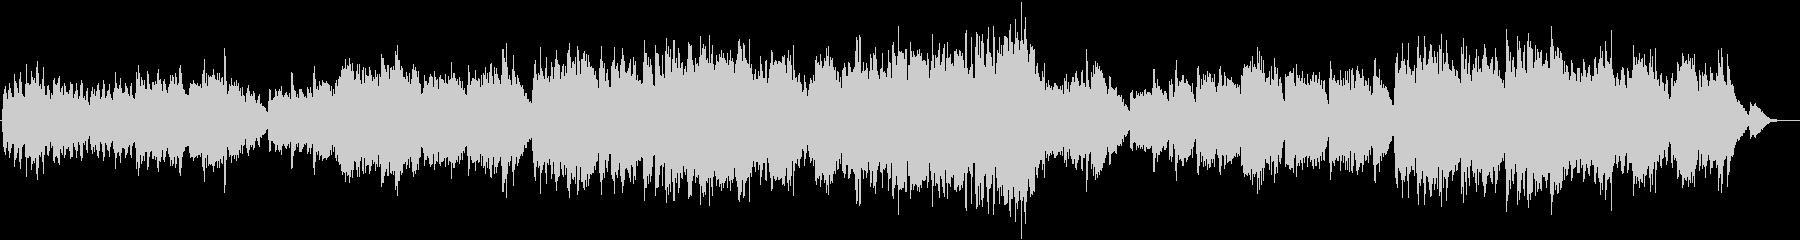 カッチーニのアヴェマリア(オーケストラ)の未再生の波形